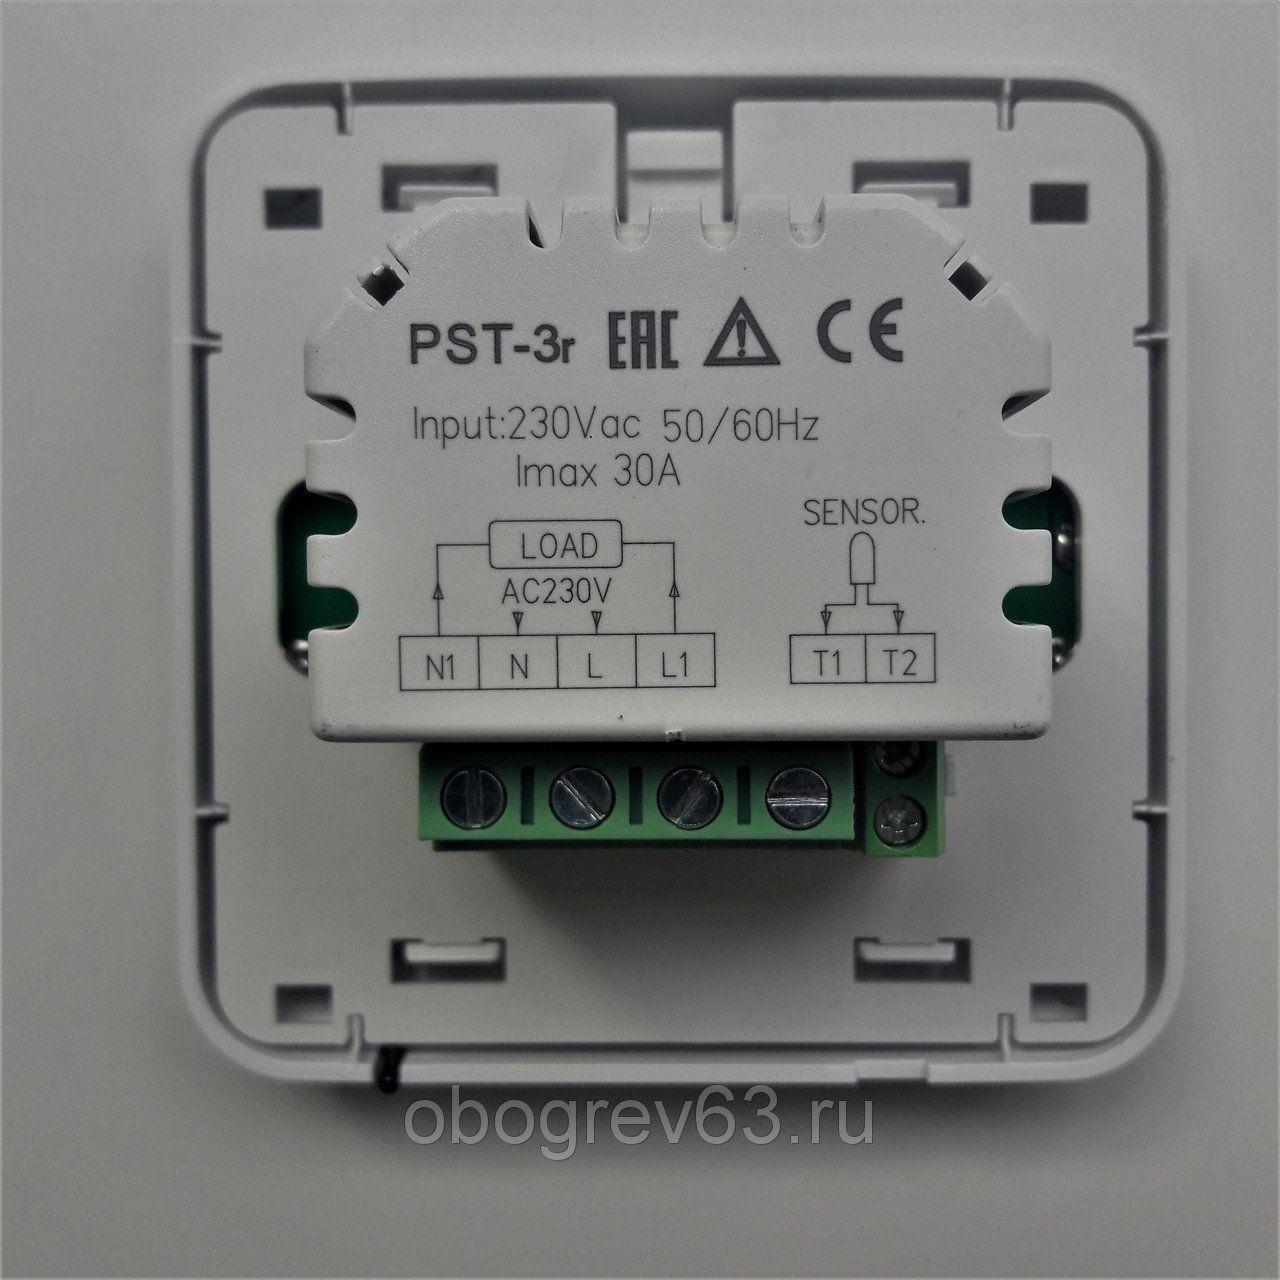 Терморегулятор Grand Meyer PST-3